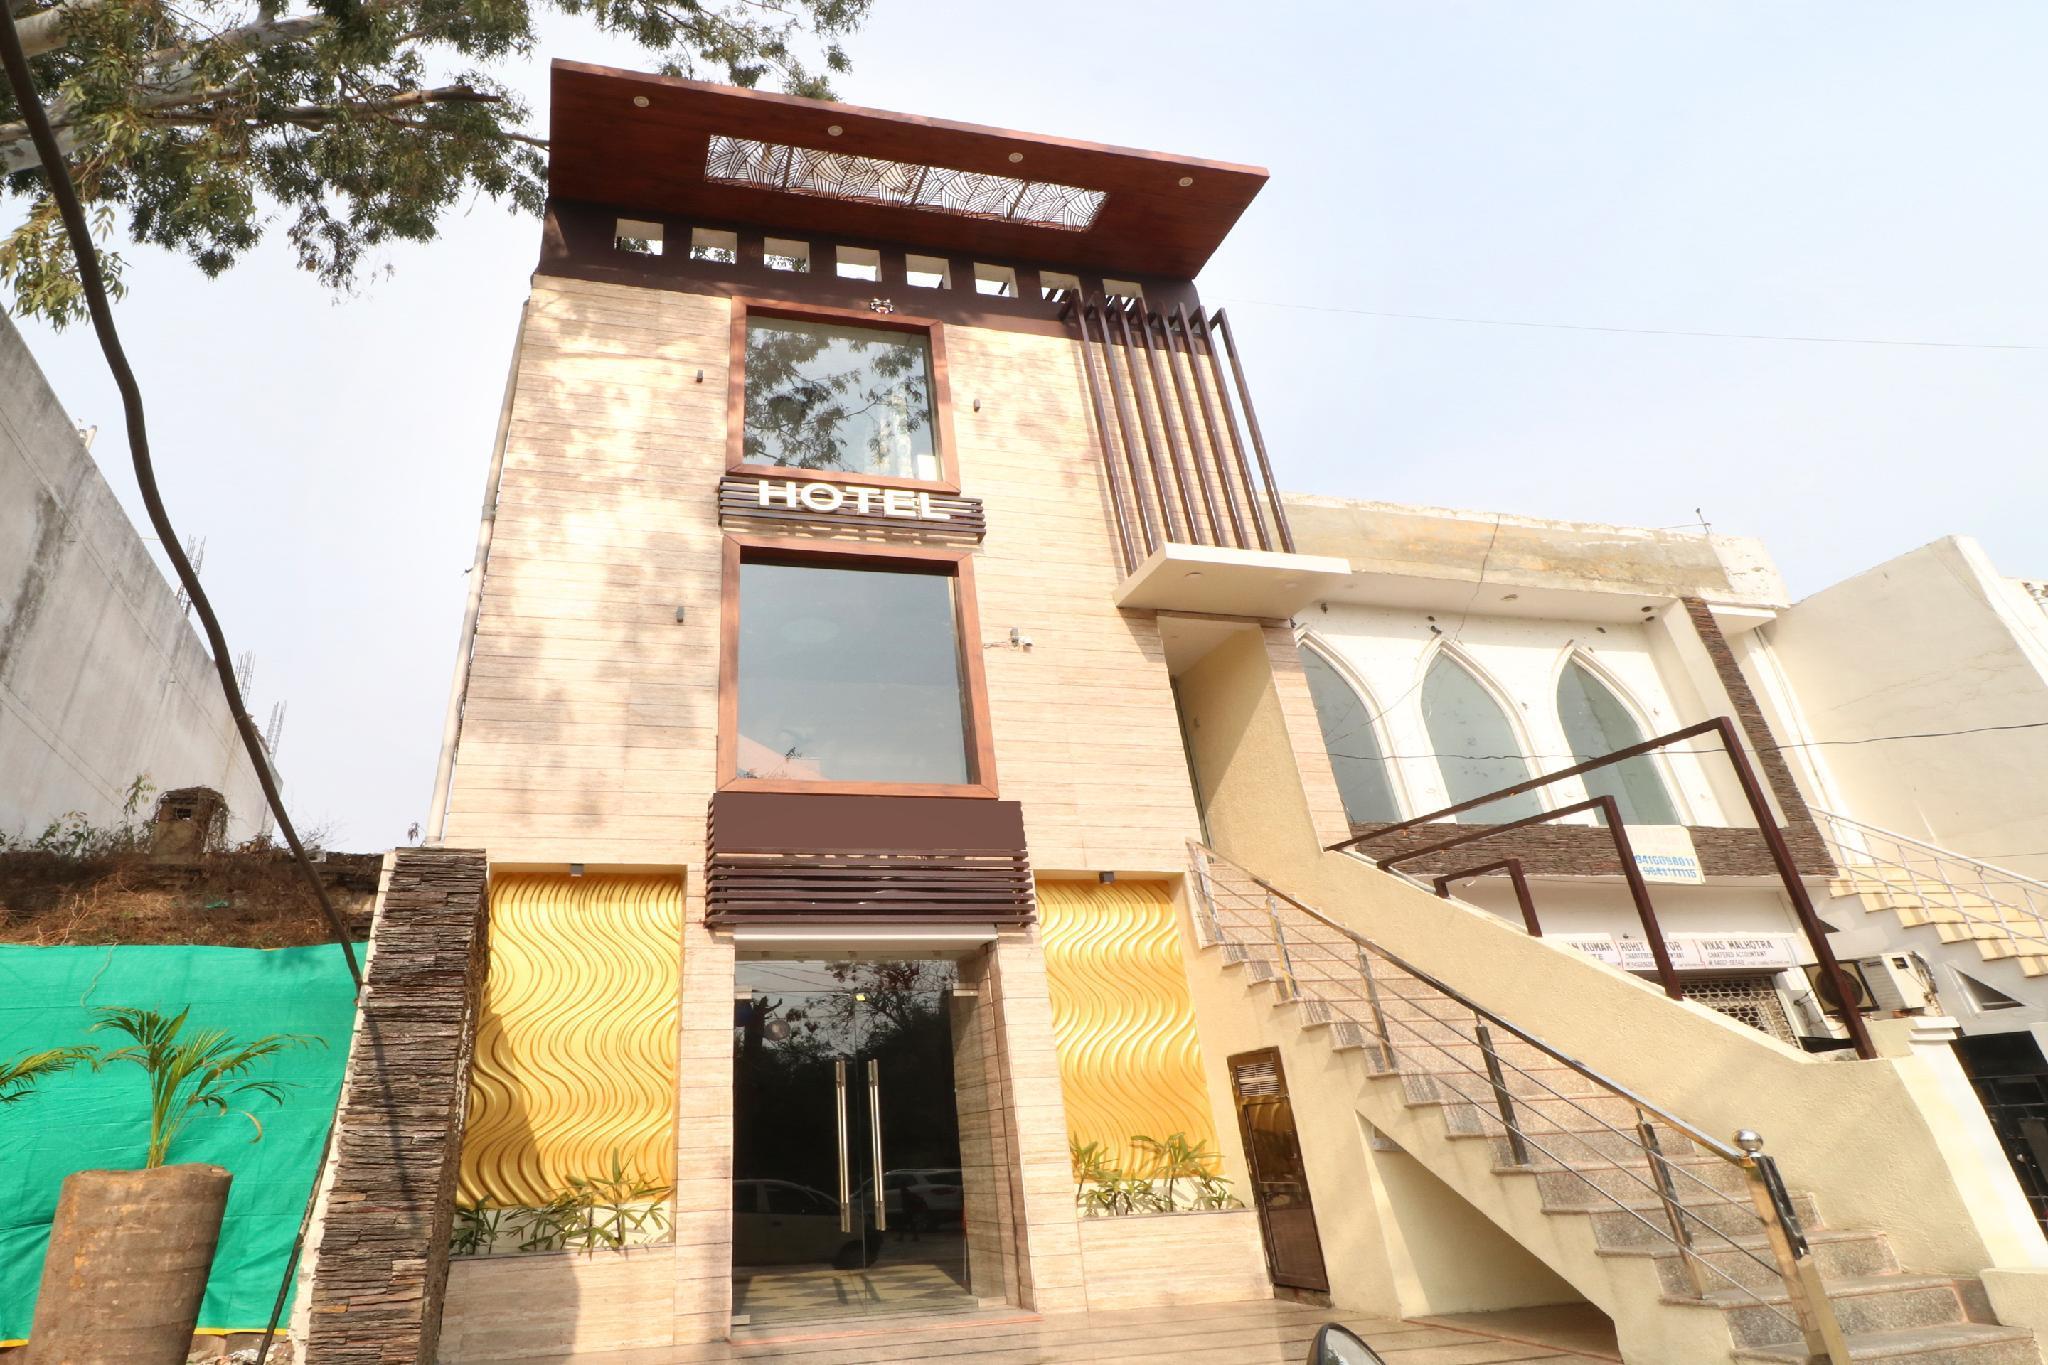 OYO 29265 Hotel Gold, Ambala